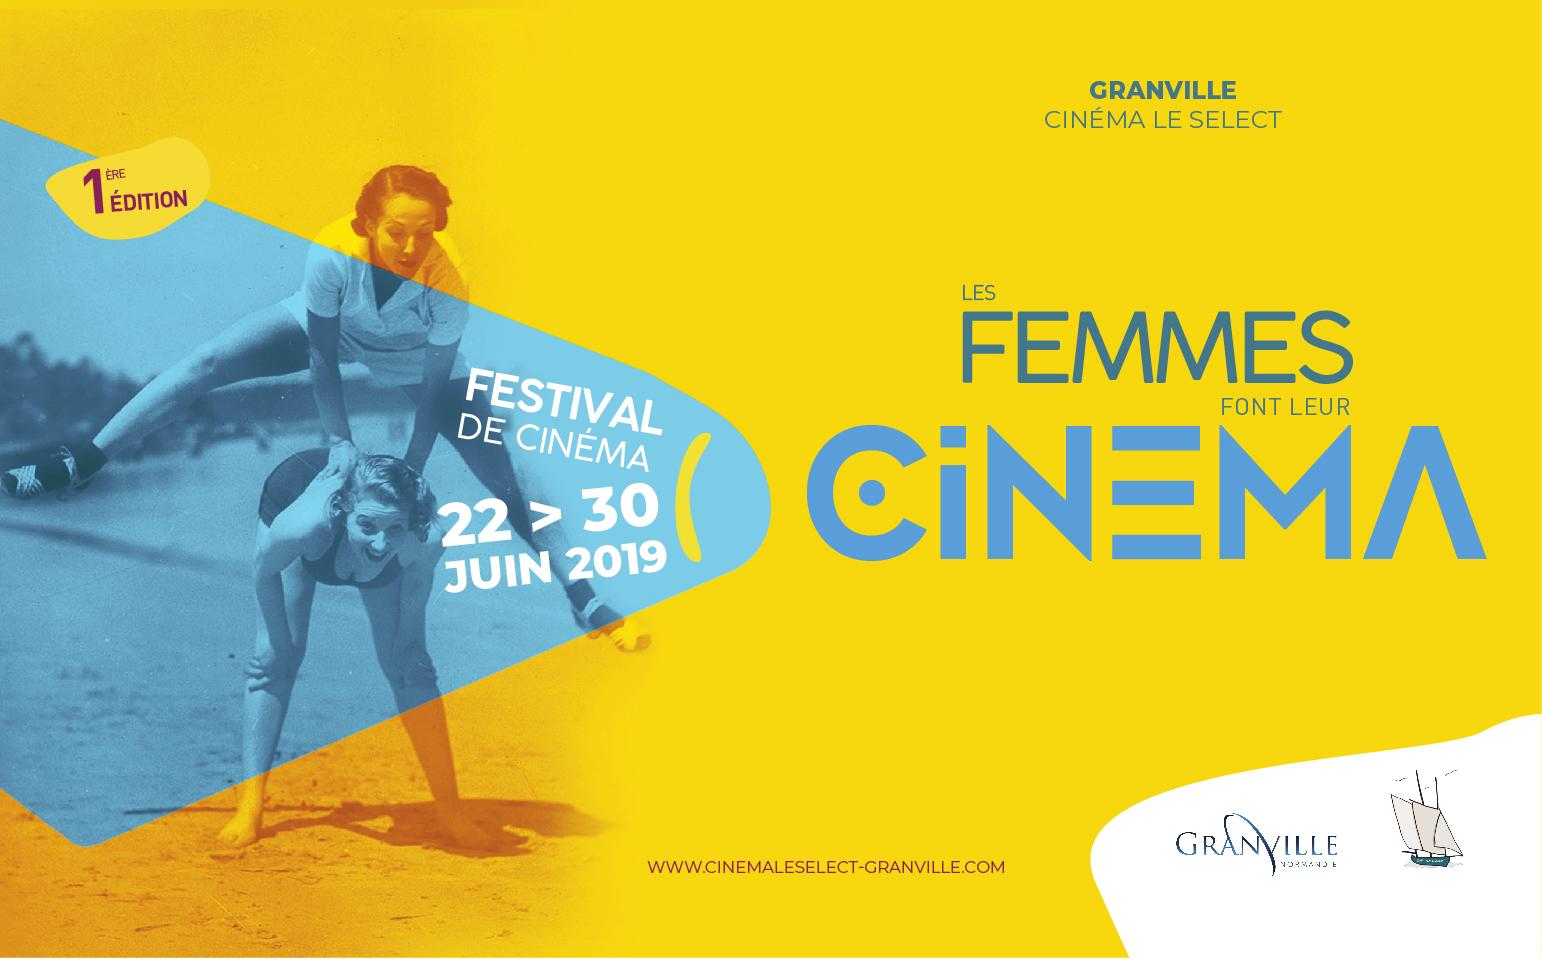 Les Femmes Font Leur Cinéma